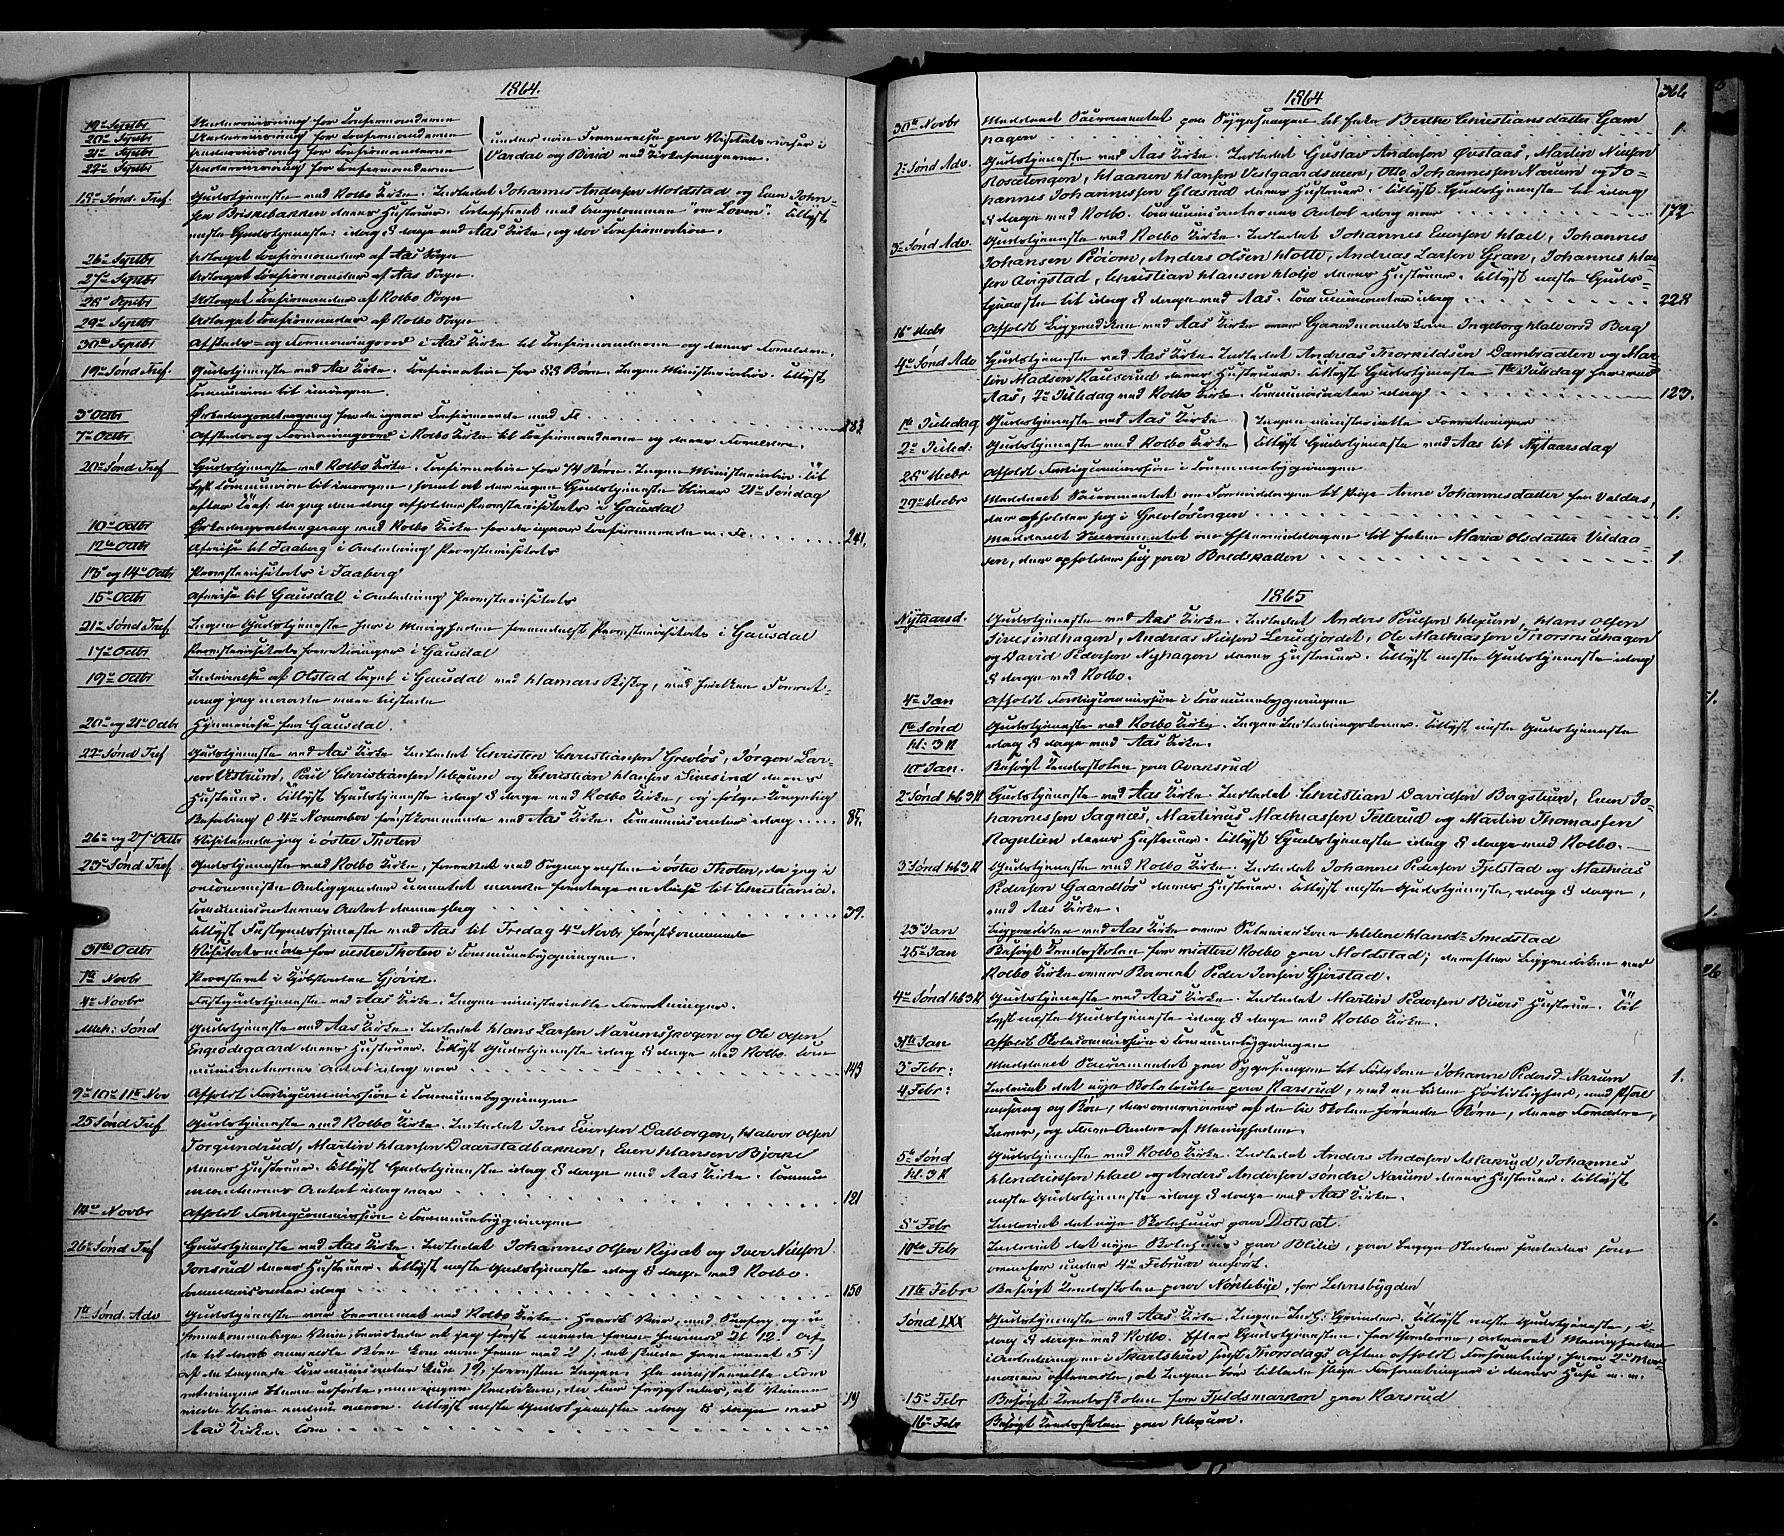 SAH, Vestre Toten prestekontor, Ministerialbok nr. 7, 1862-1869, s. 366